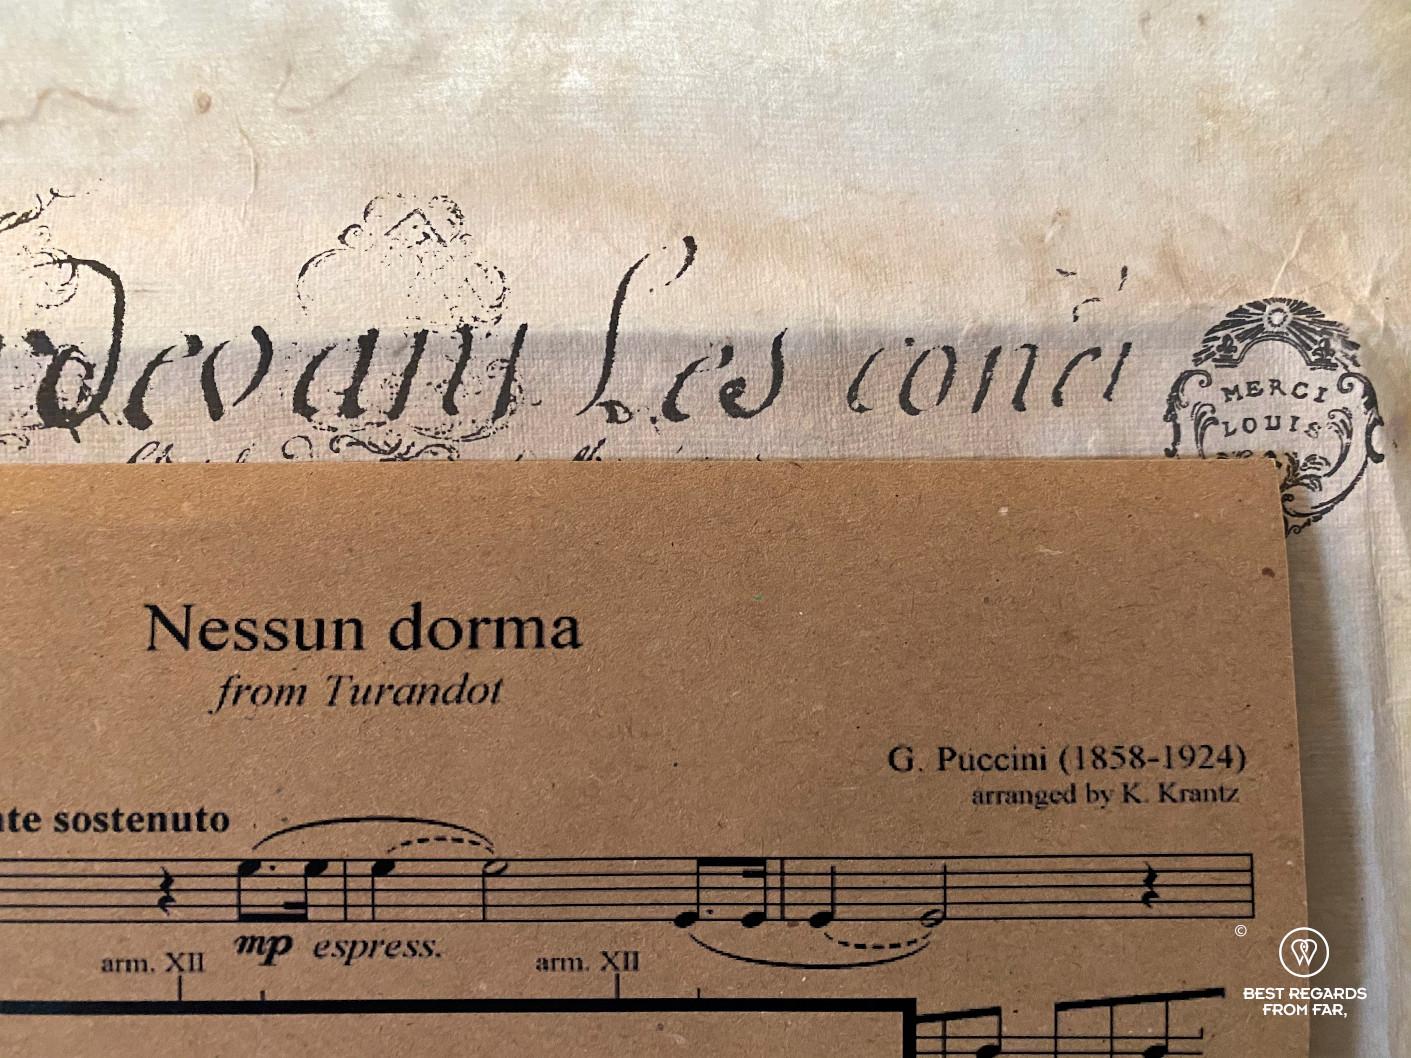 Nessun dorma by Puccini